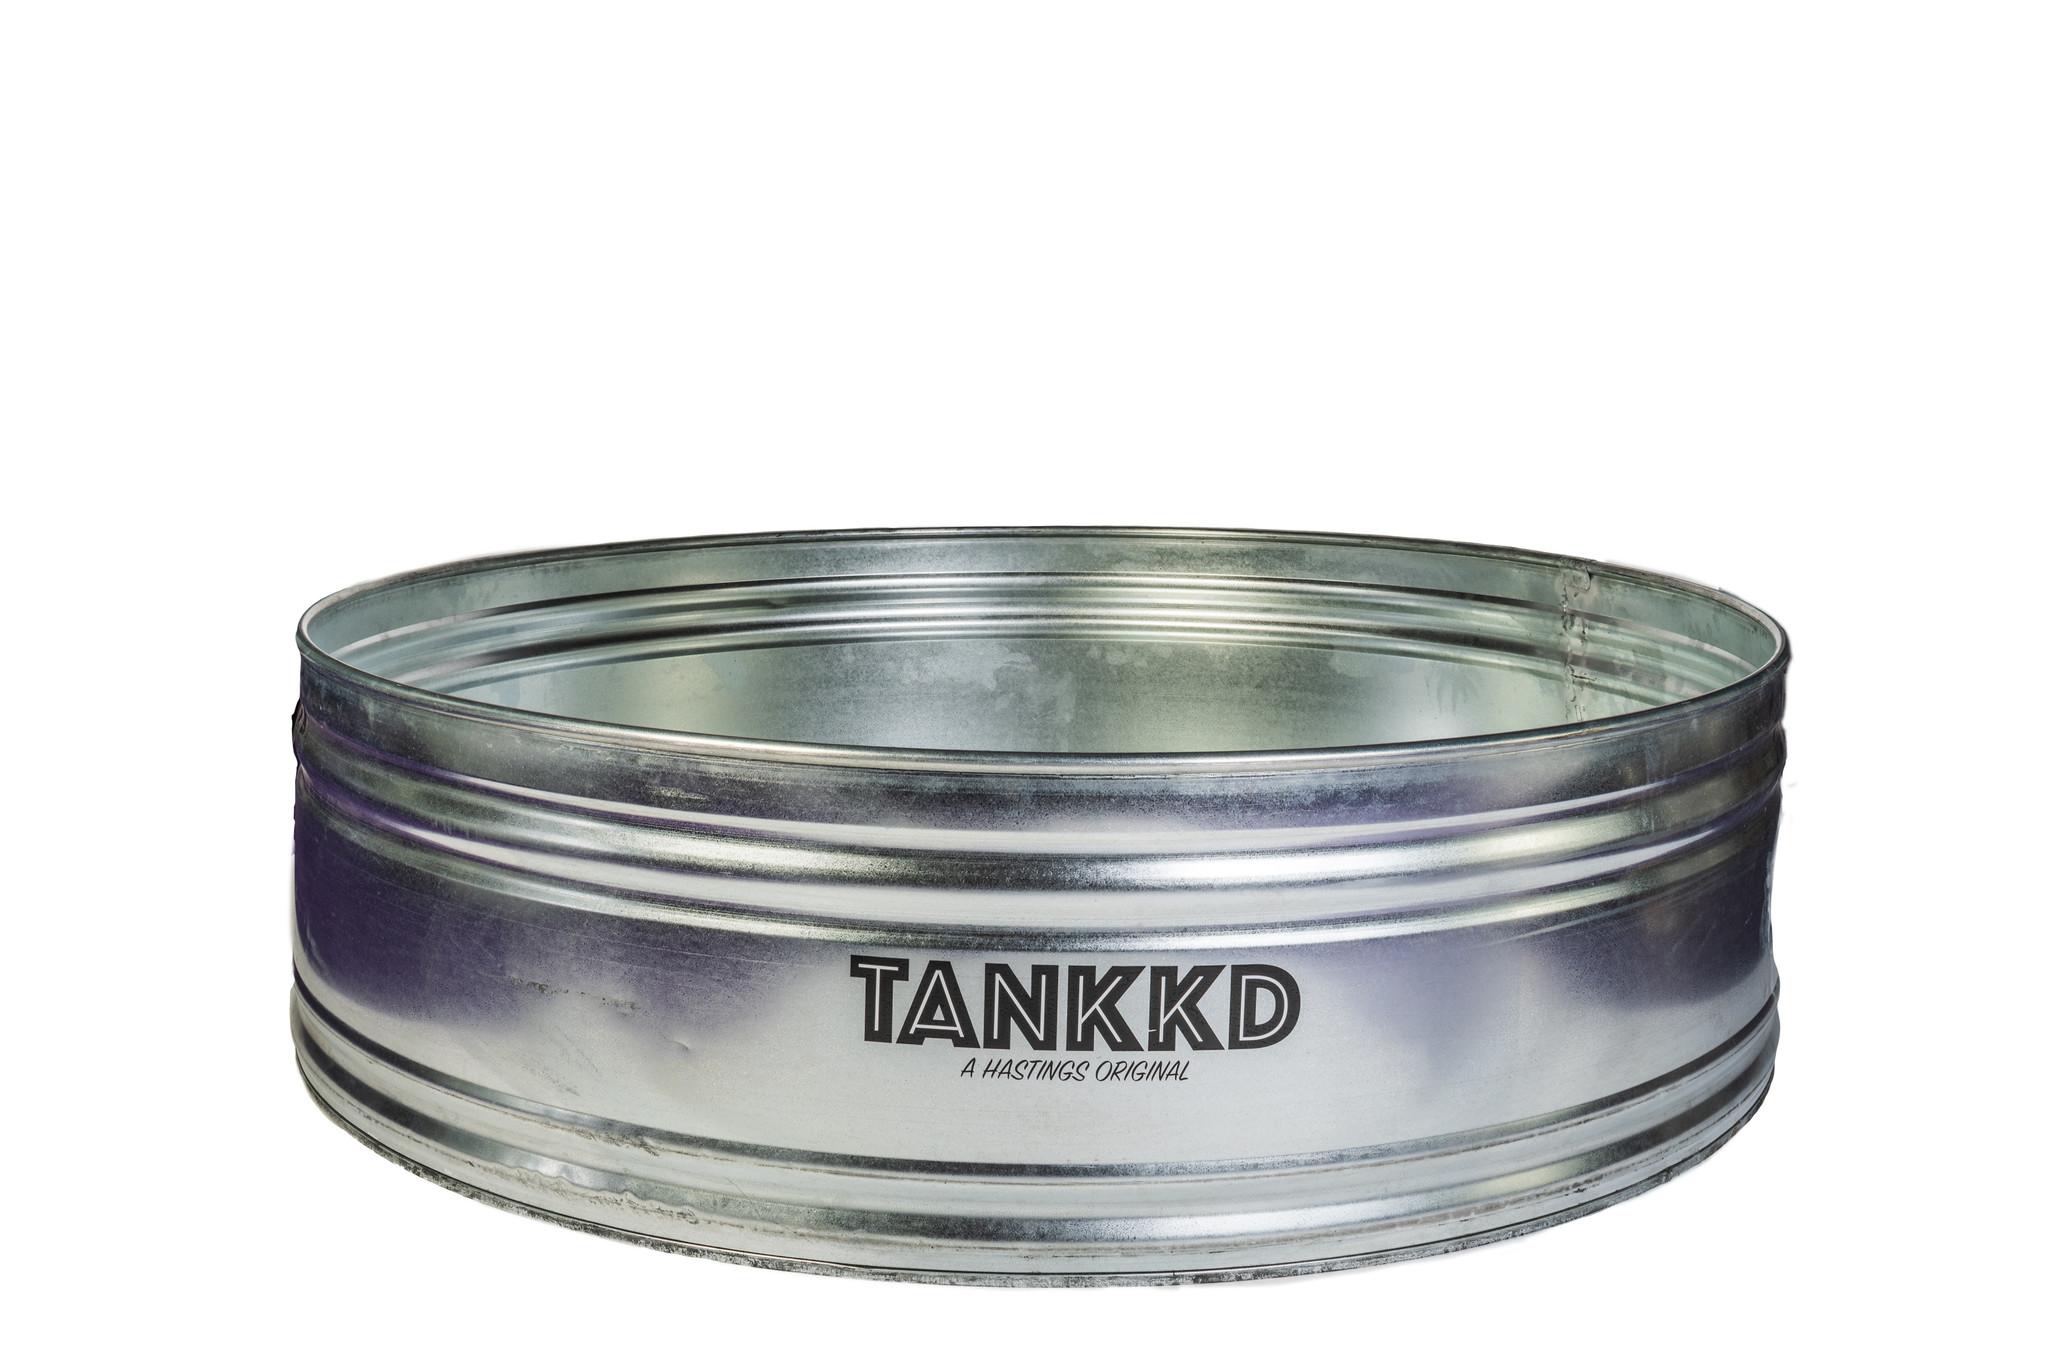 Tankkd Hot spring summer pack-8